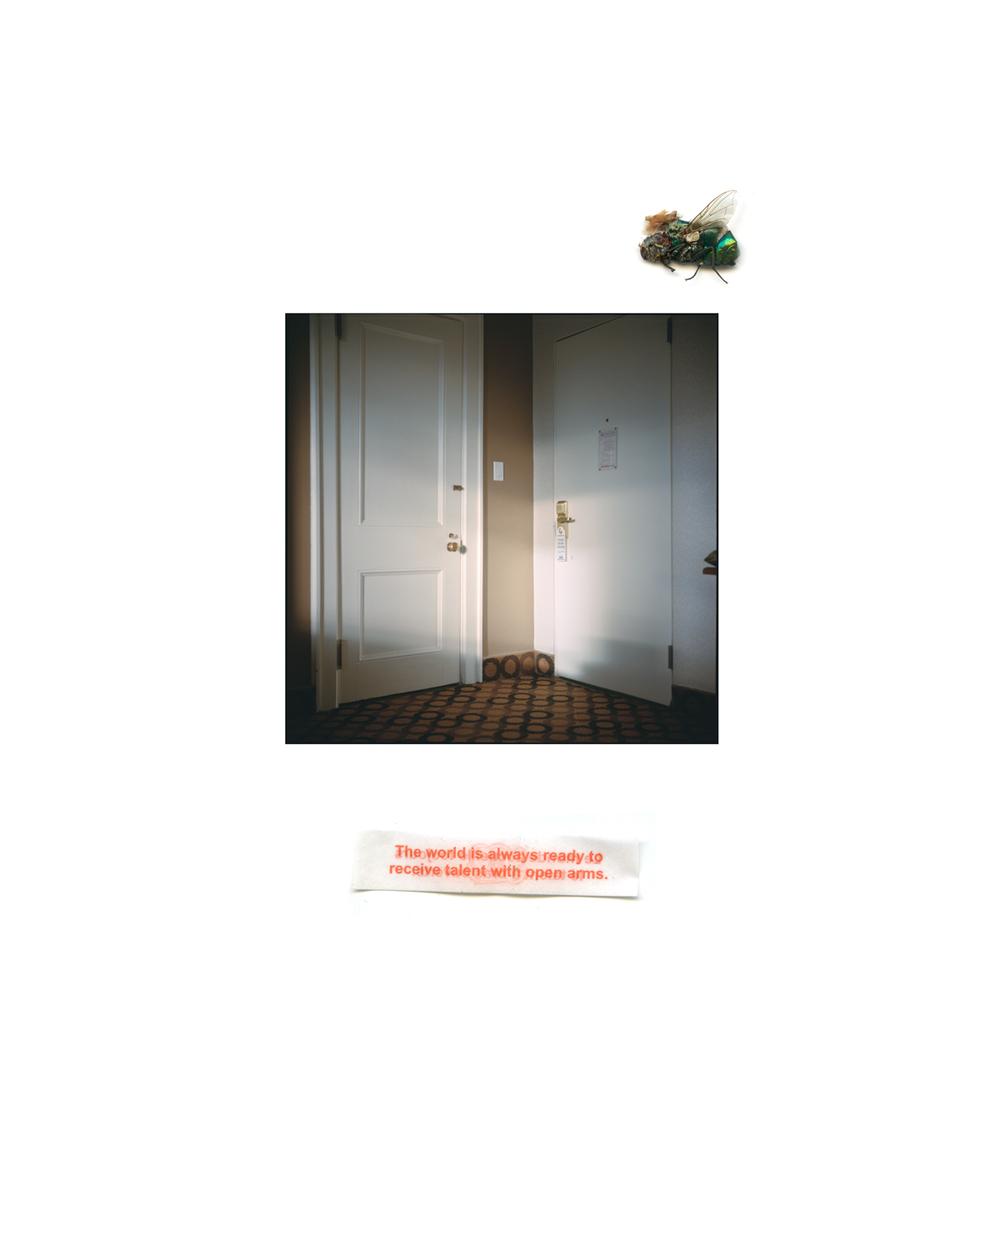 NPS001_16X20.jpg